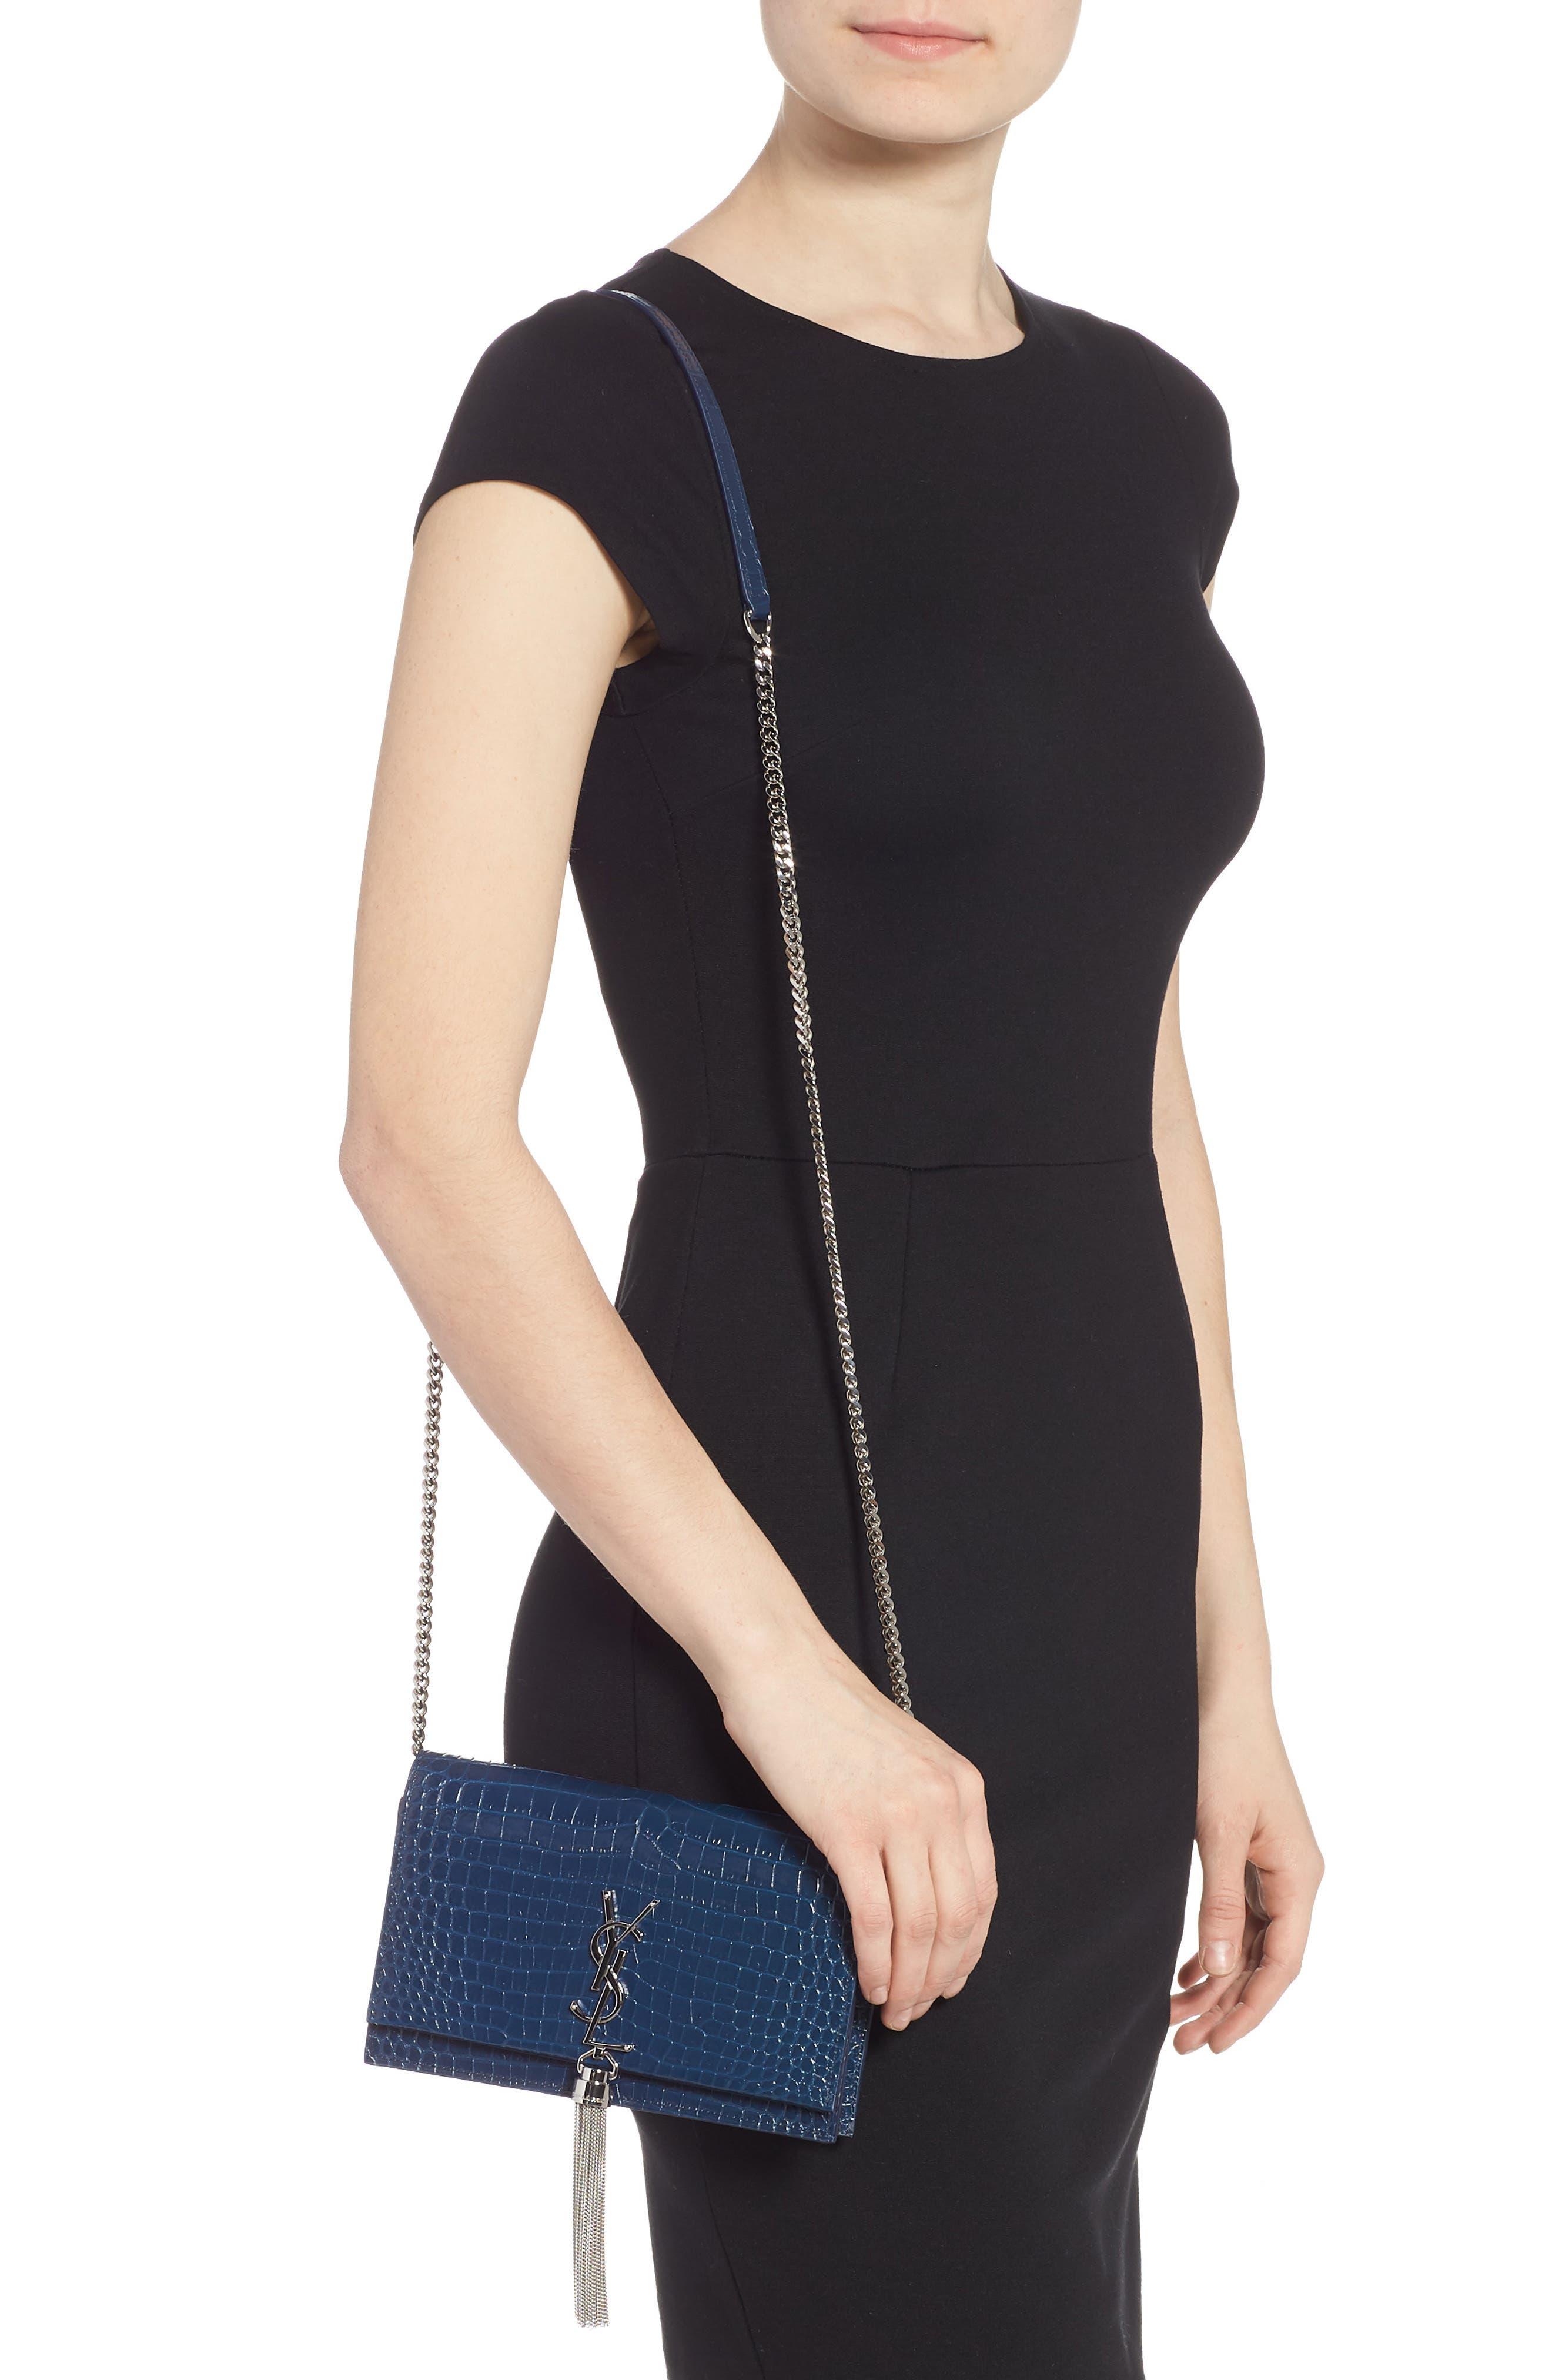 SAINT LAURENT, Kate Croc Embossed Leather Wallet on a Chain, Alternate thumbnail 3, color, DENIM BLUE/ DENIM BLUE